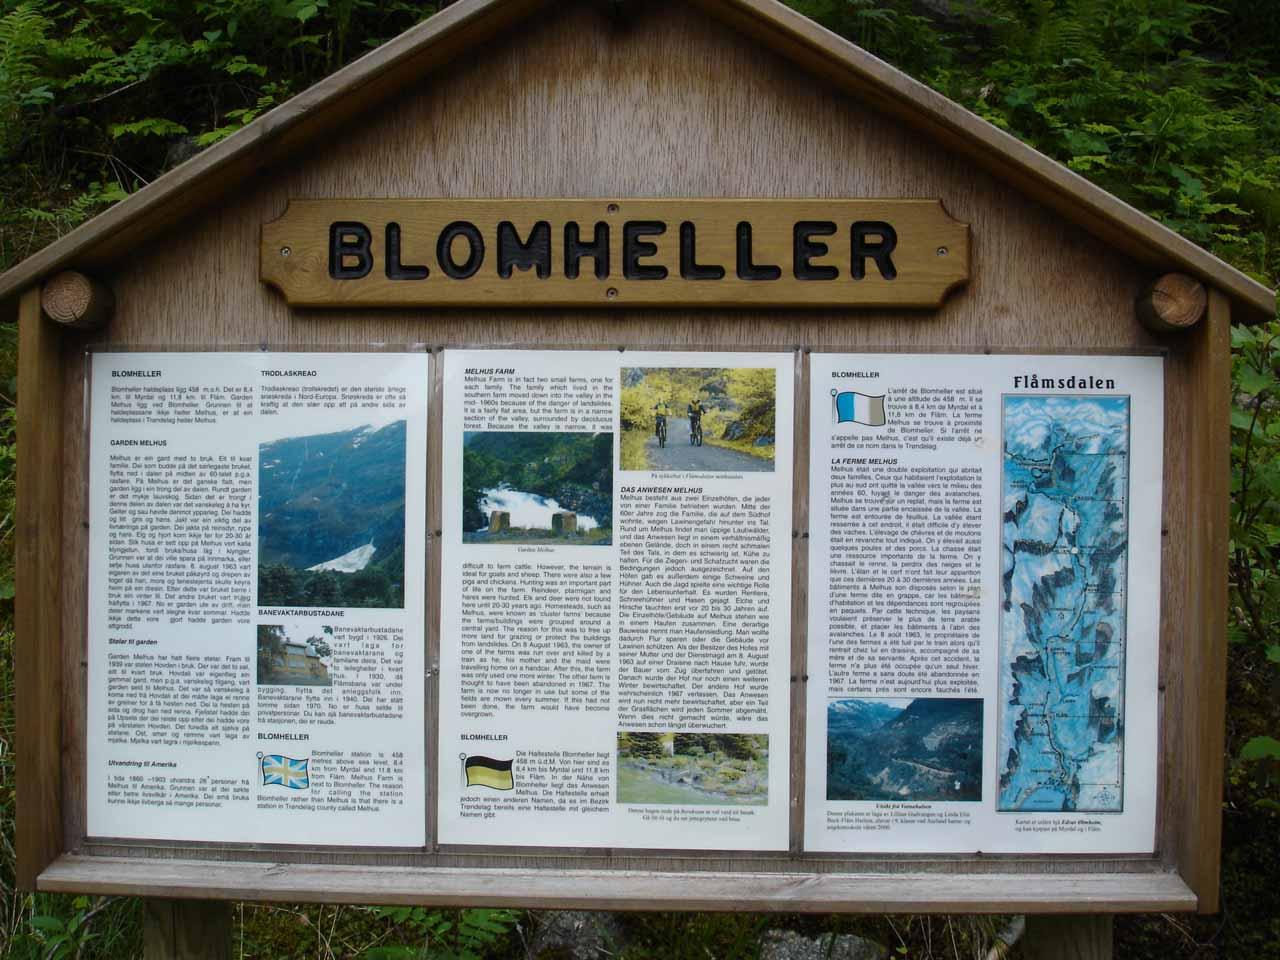 Interpretive sign at the Blomheller Station